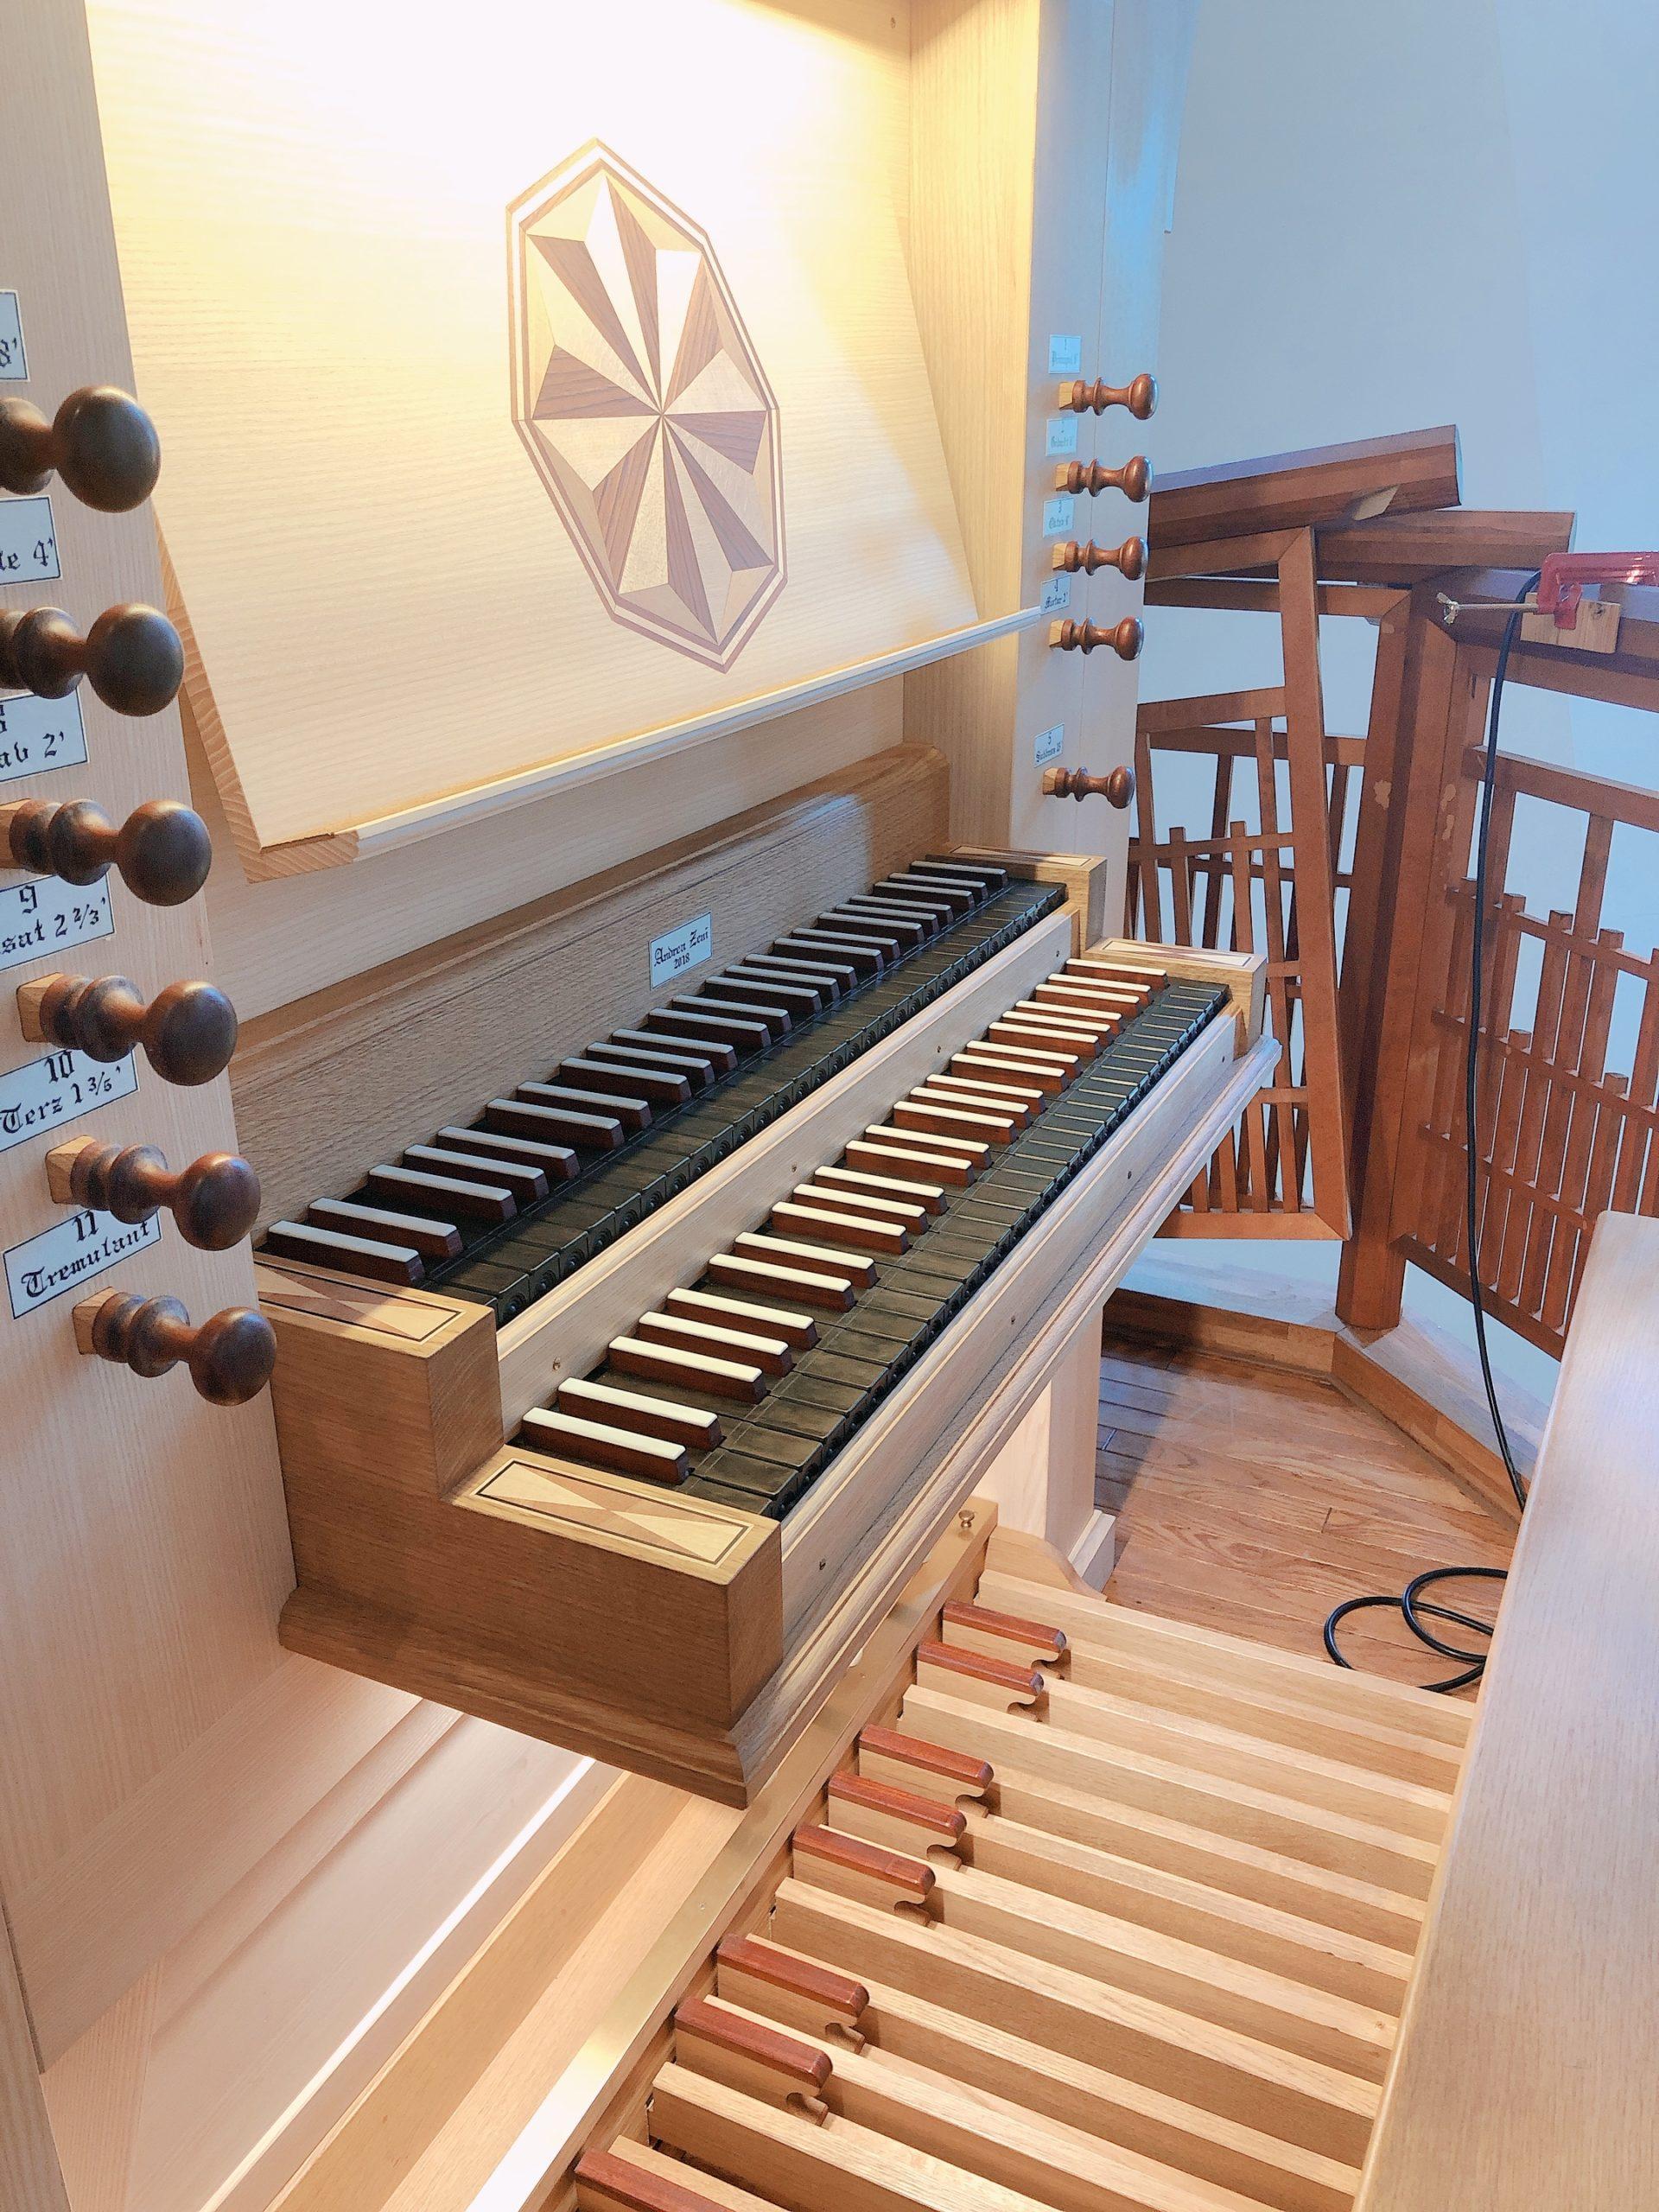 オルガンの演奏台